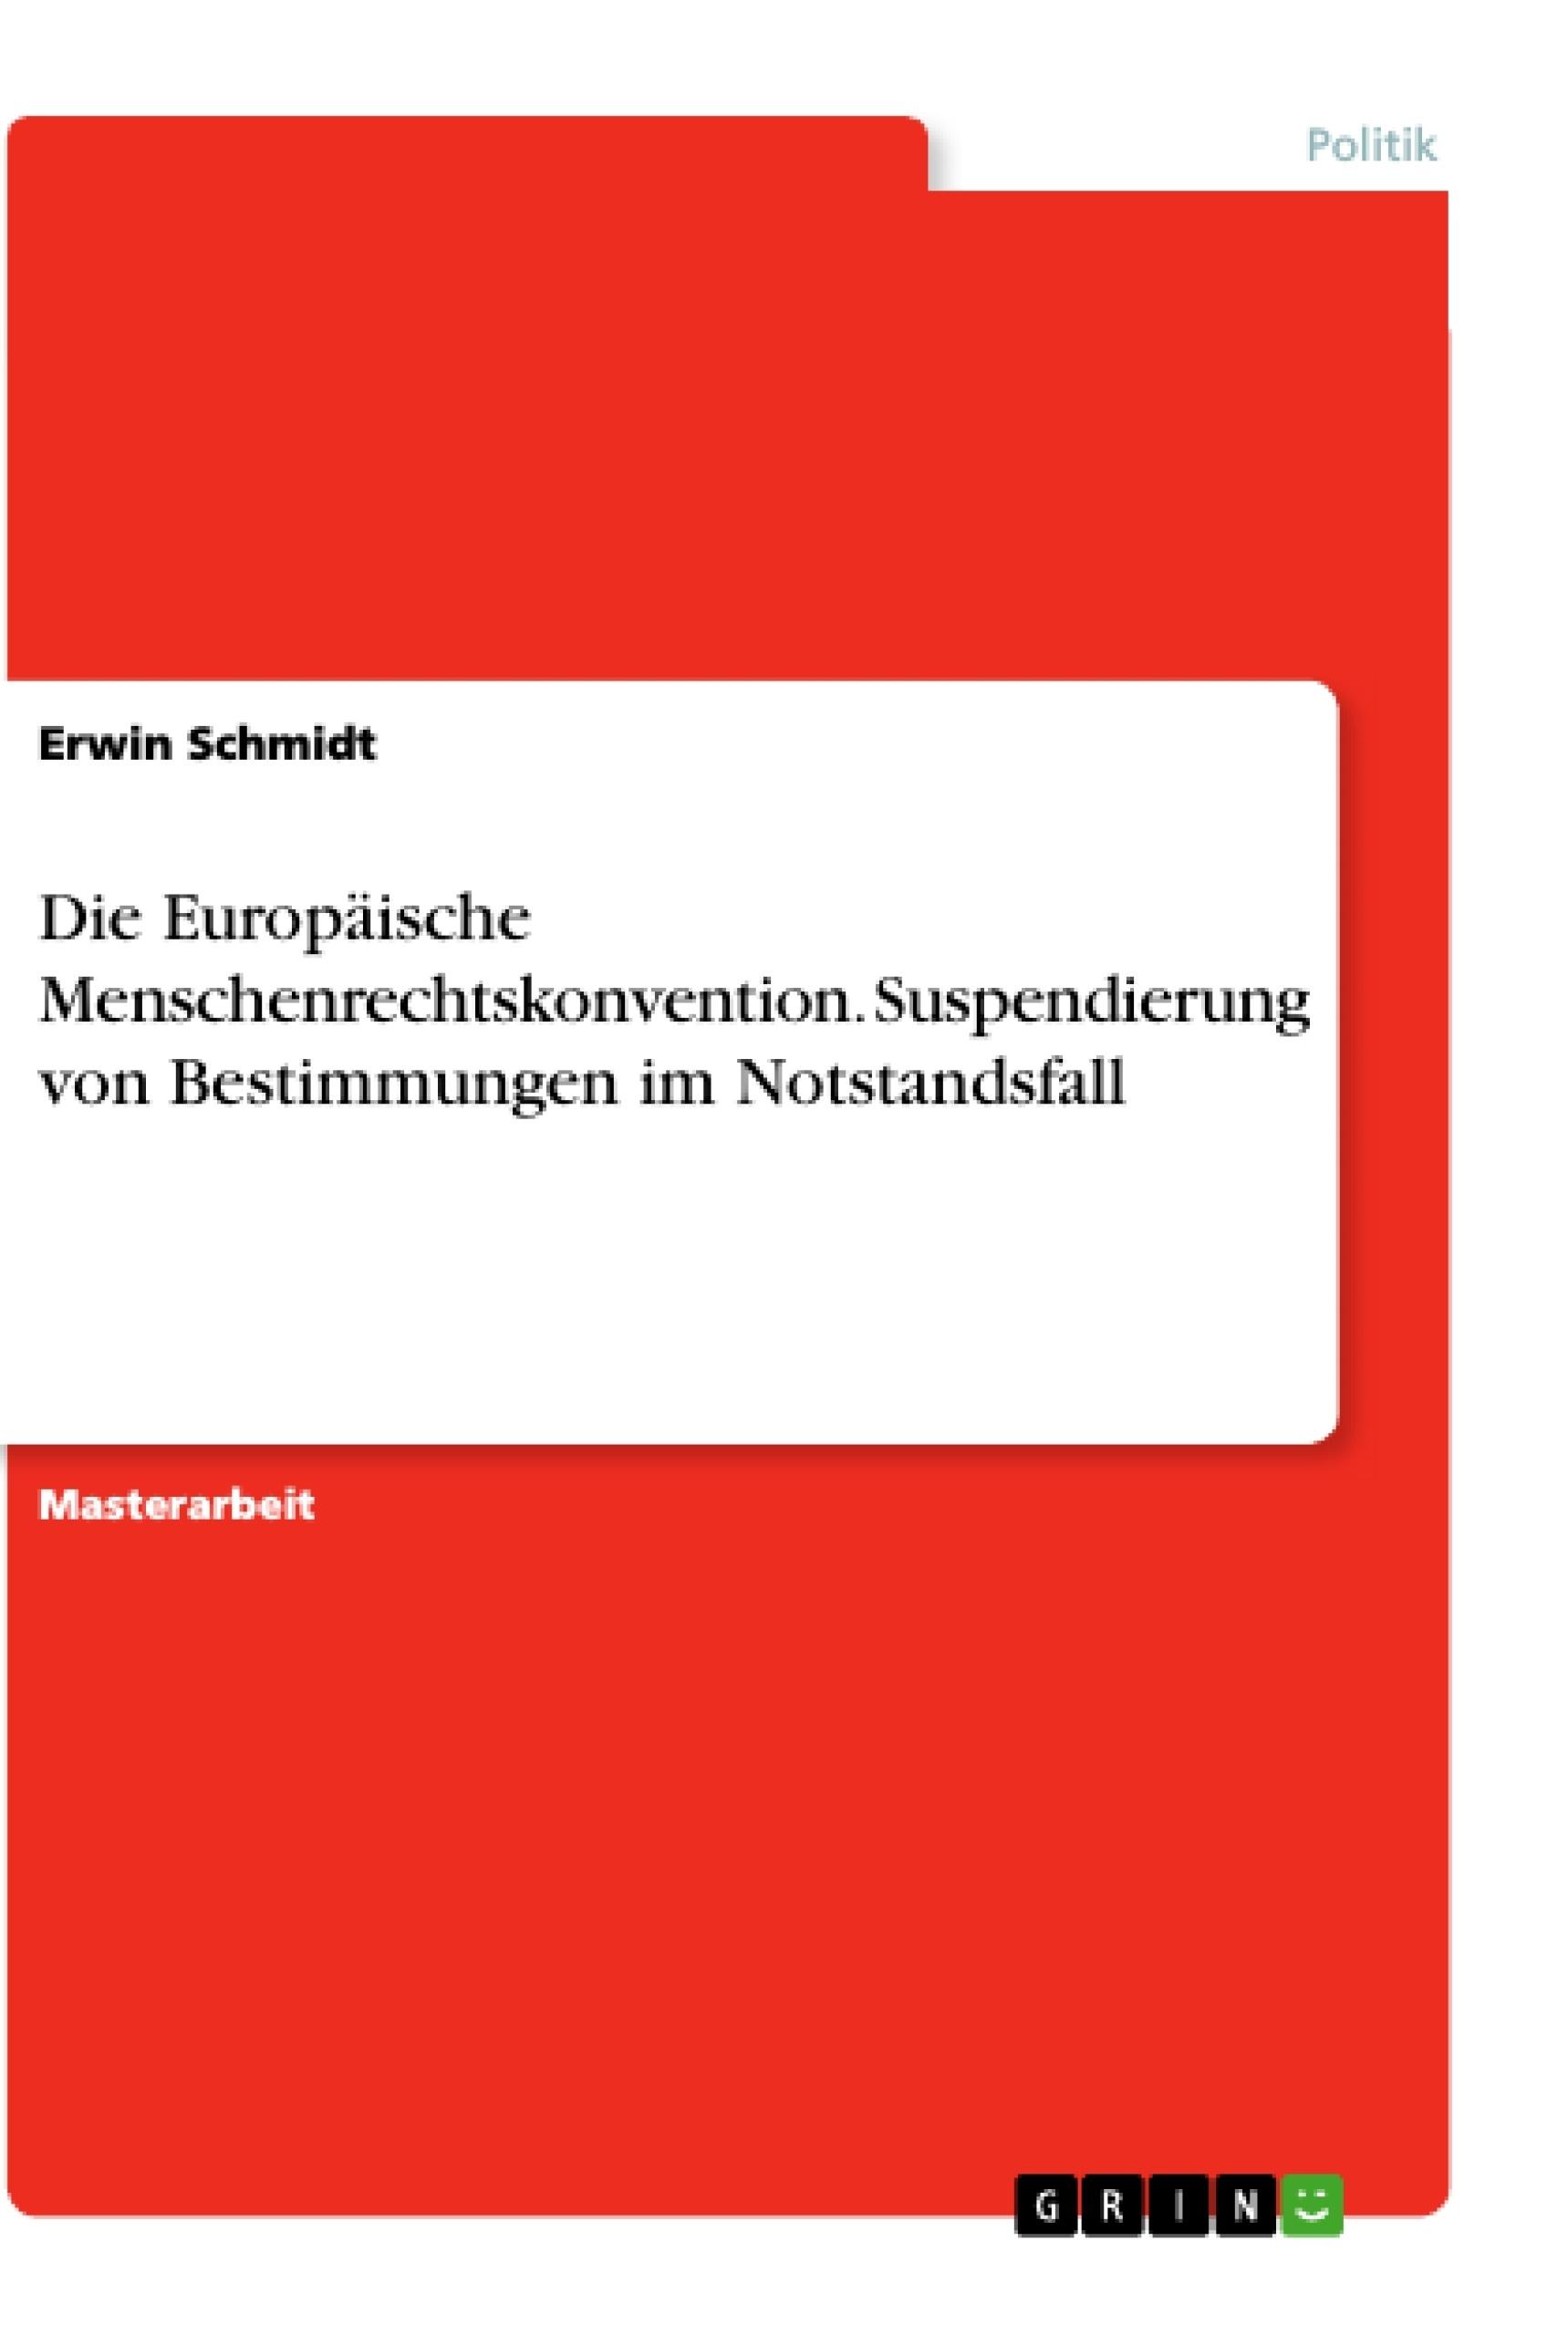 Titel: Die Europäische Menschenrechtskonvention. Suspendierung von Bestimmungen im Notstandsfall